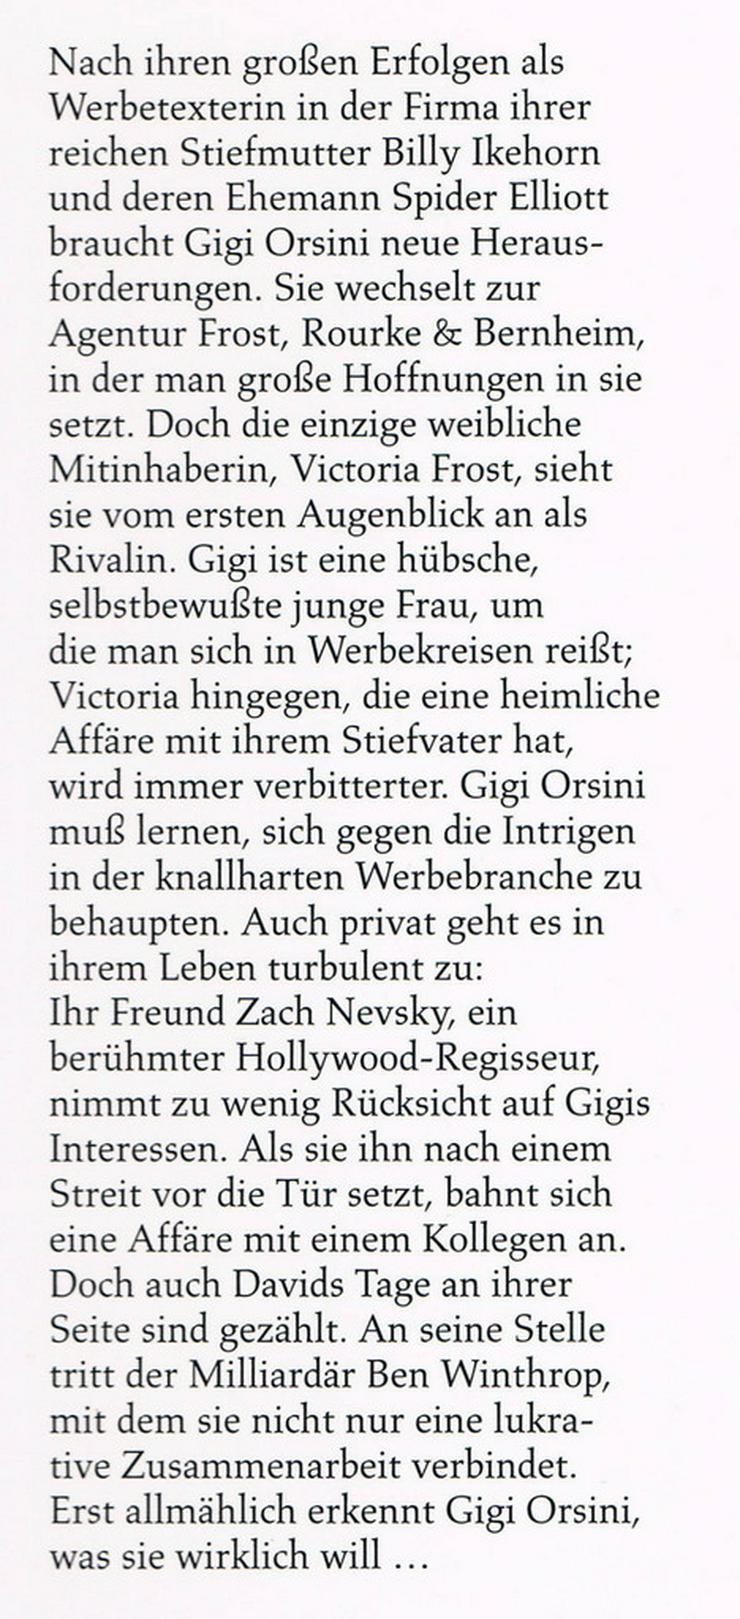 Triumph & Mistrals Tochter: 2 Romane - Romane, Biografien, Sagen usw. - Bild 6